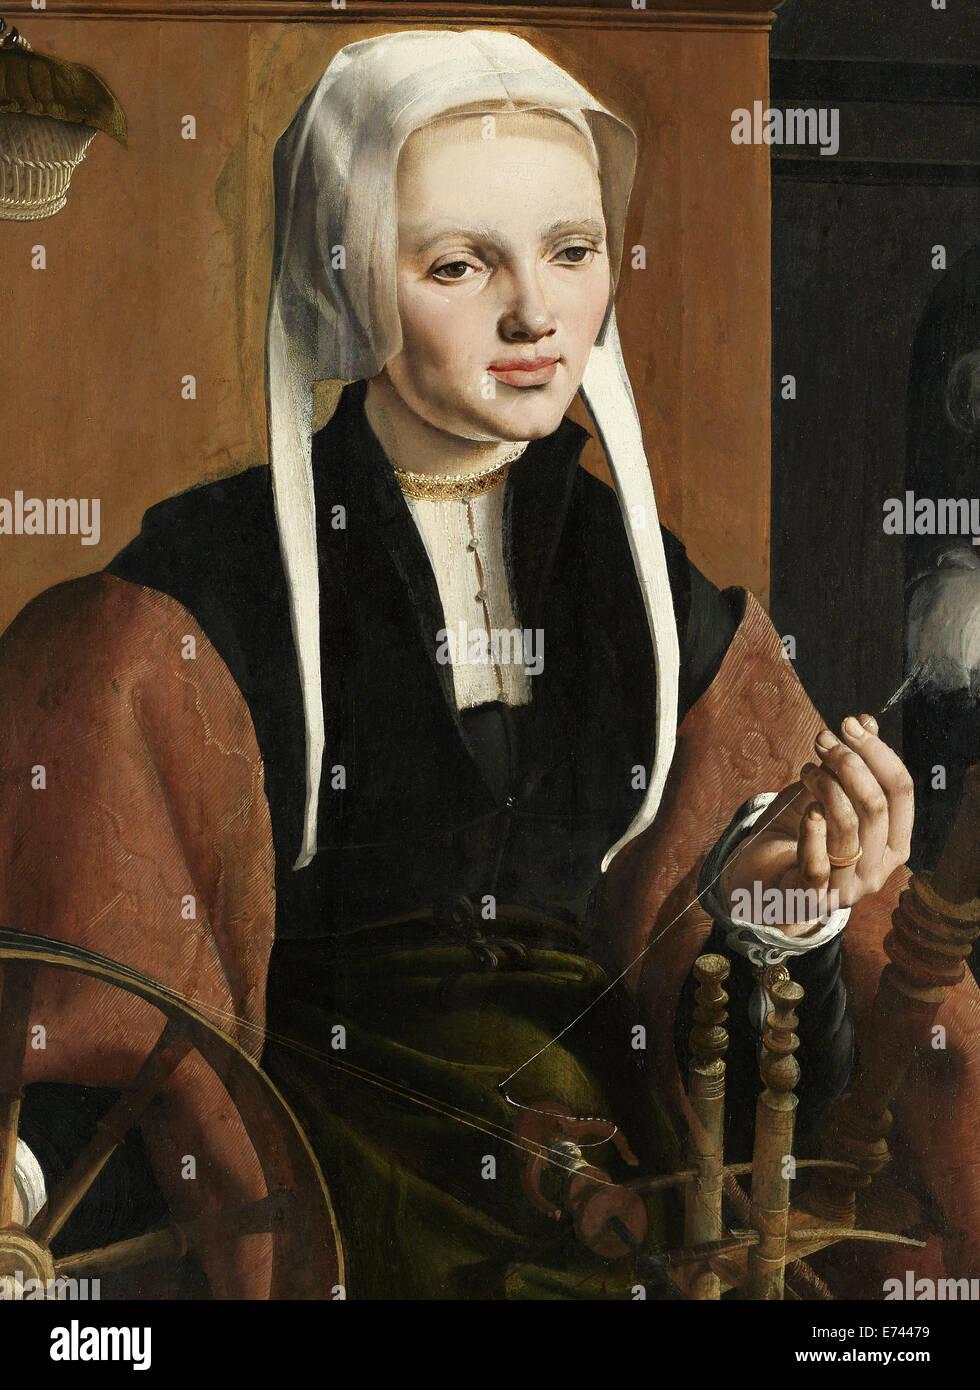 Portrait of Anna Codde - by Maarten van Heemskerck, 1529 - Stock Image